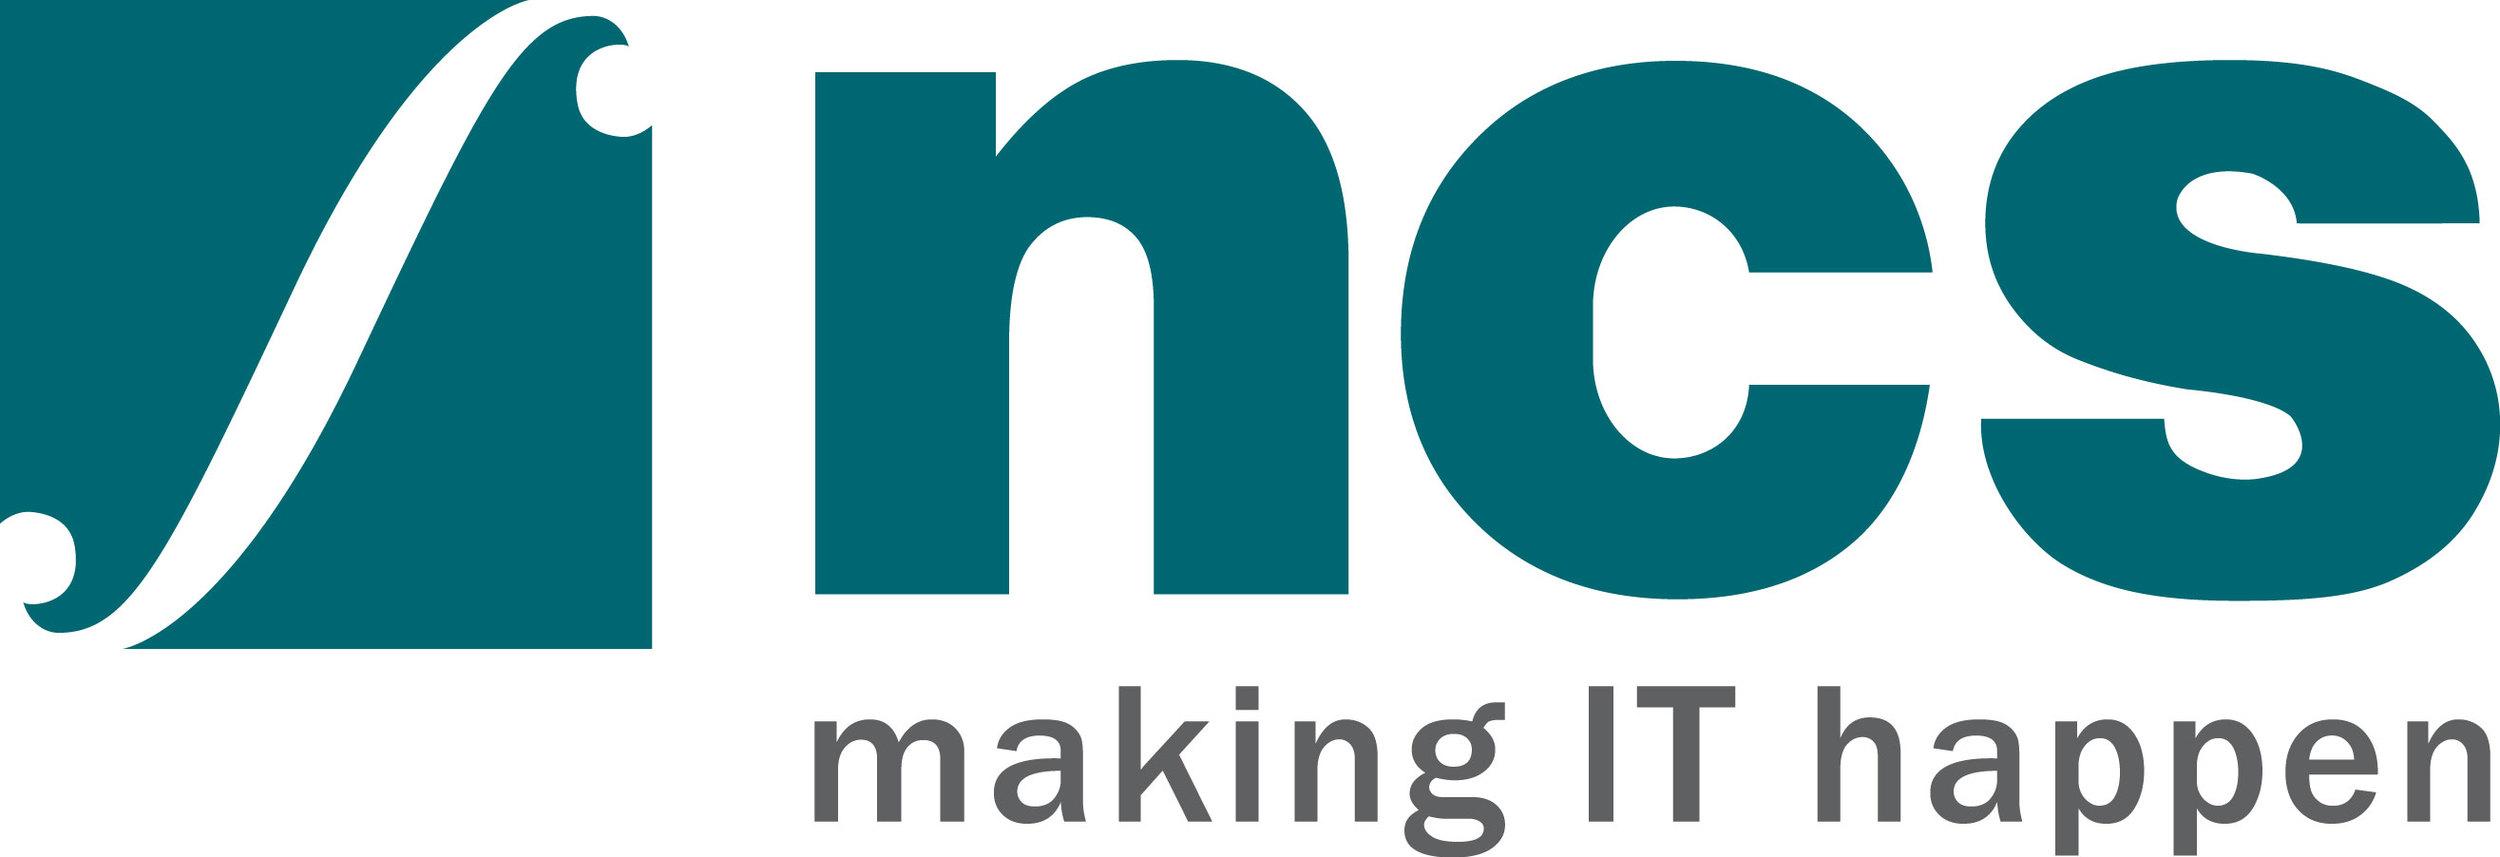 NCS_logo_branding.jpg